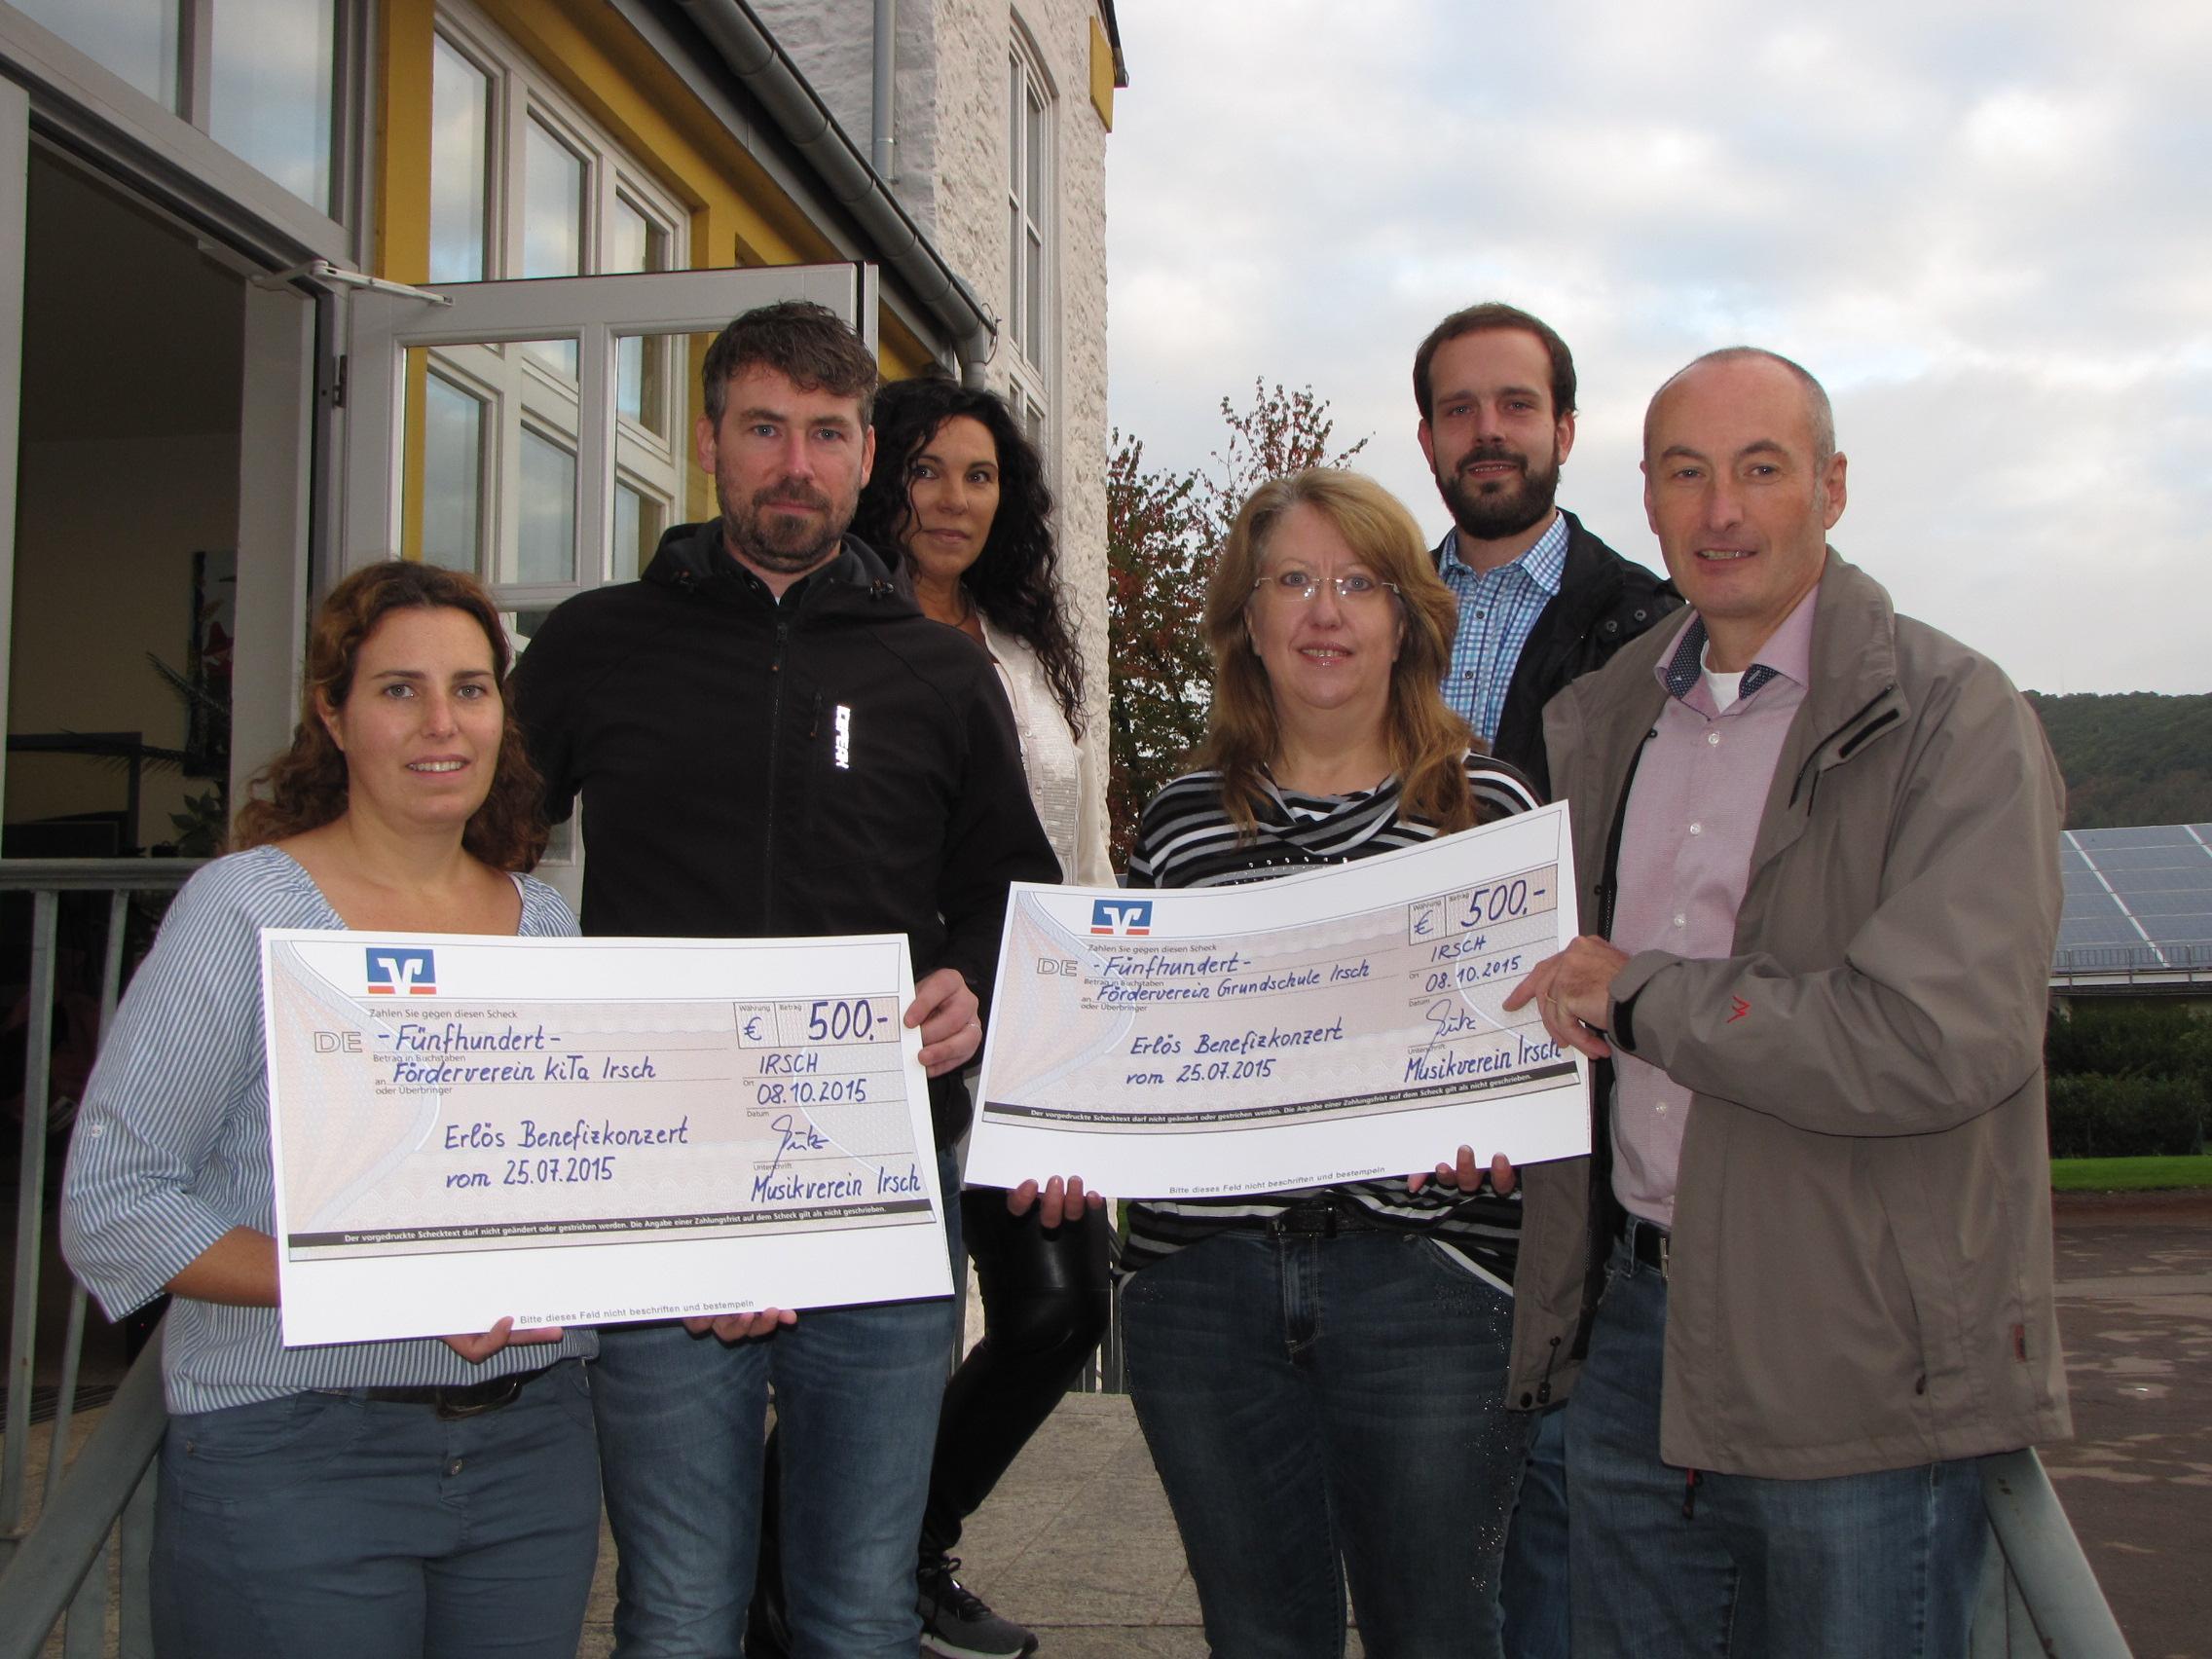 Musikverein Irsch spendet 1.000 EUR für Grundschule und KiTa Irsch